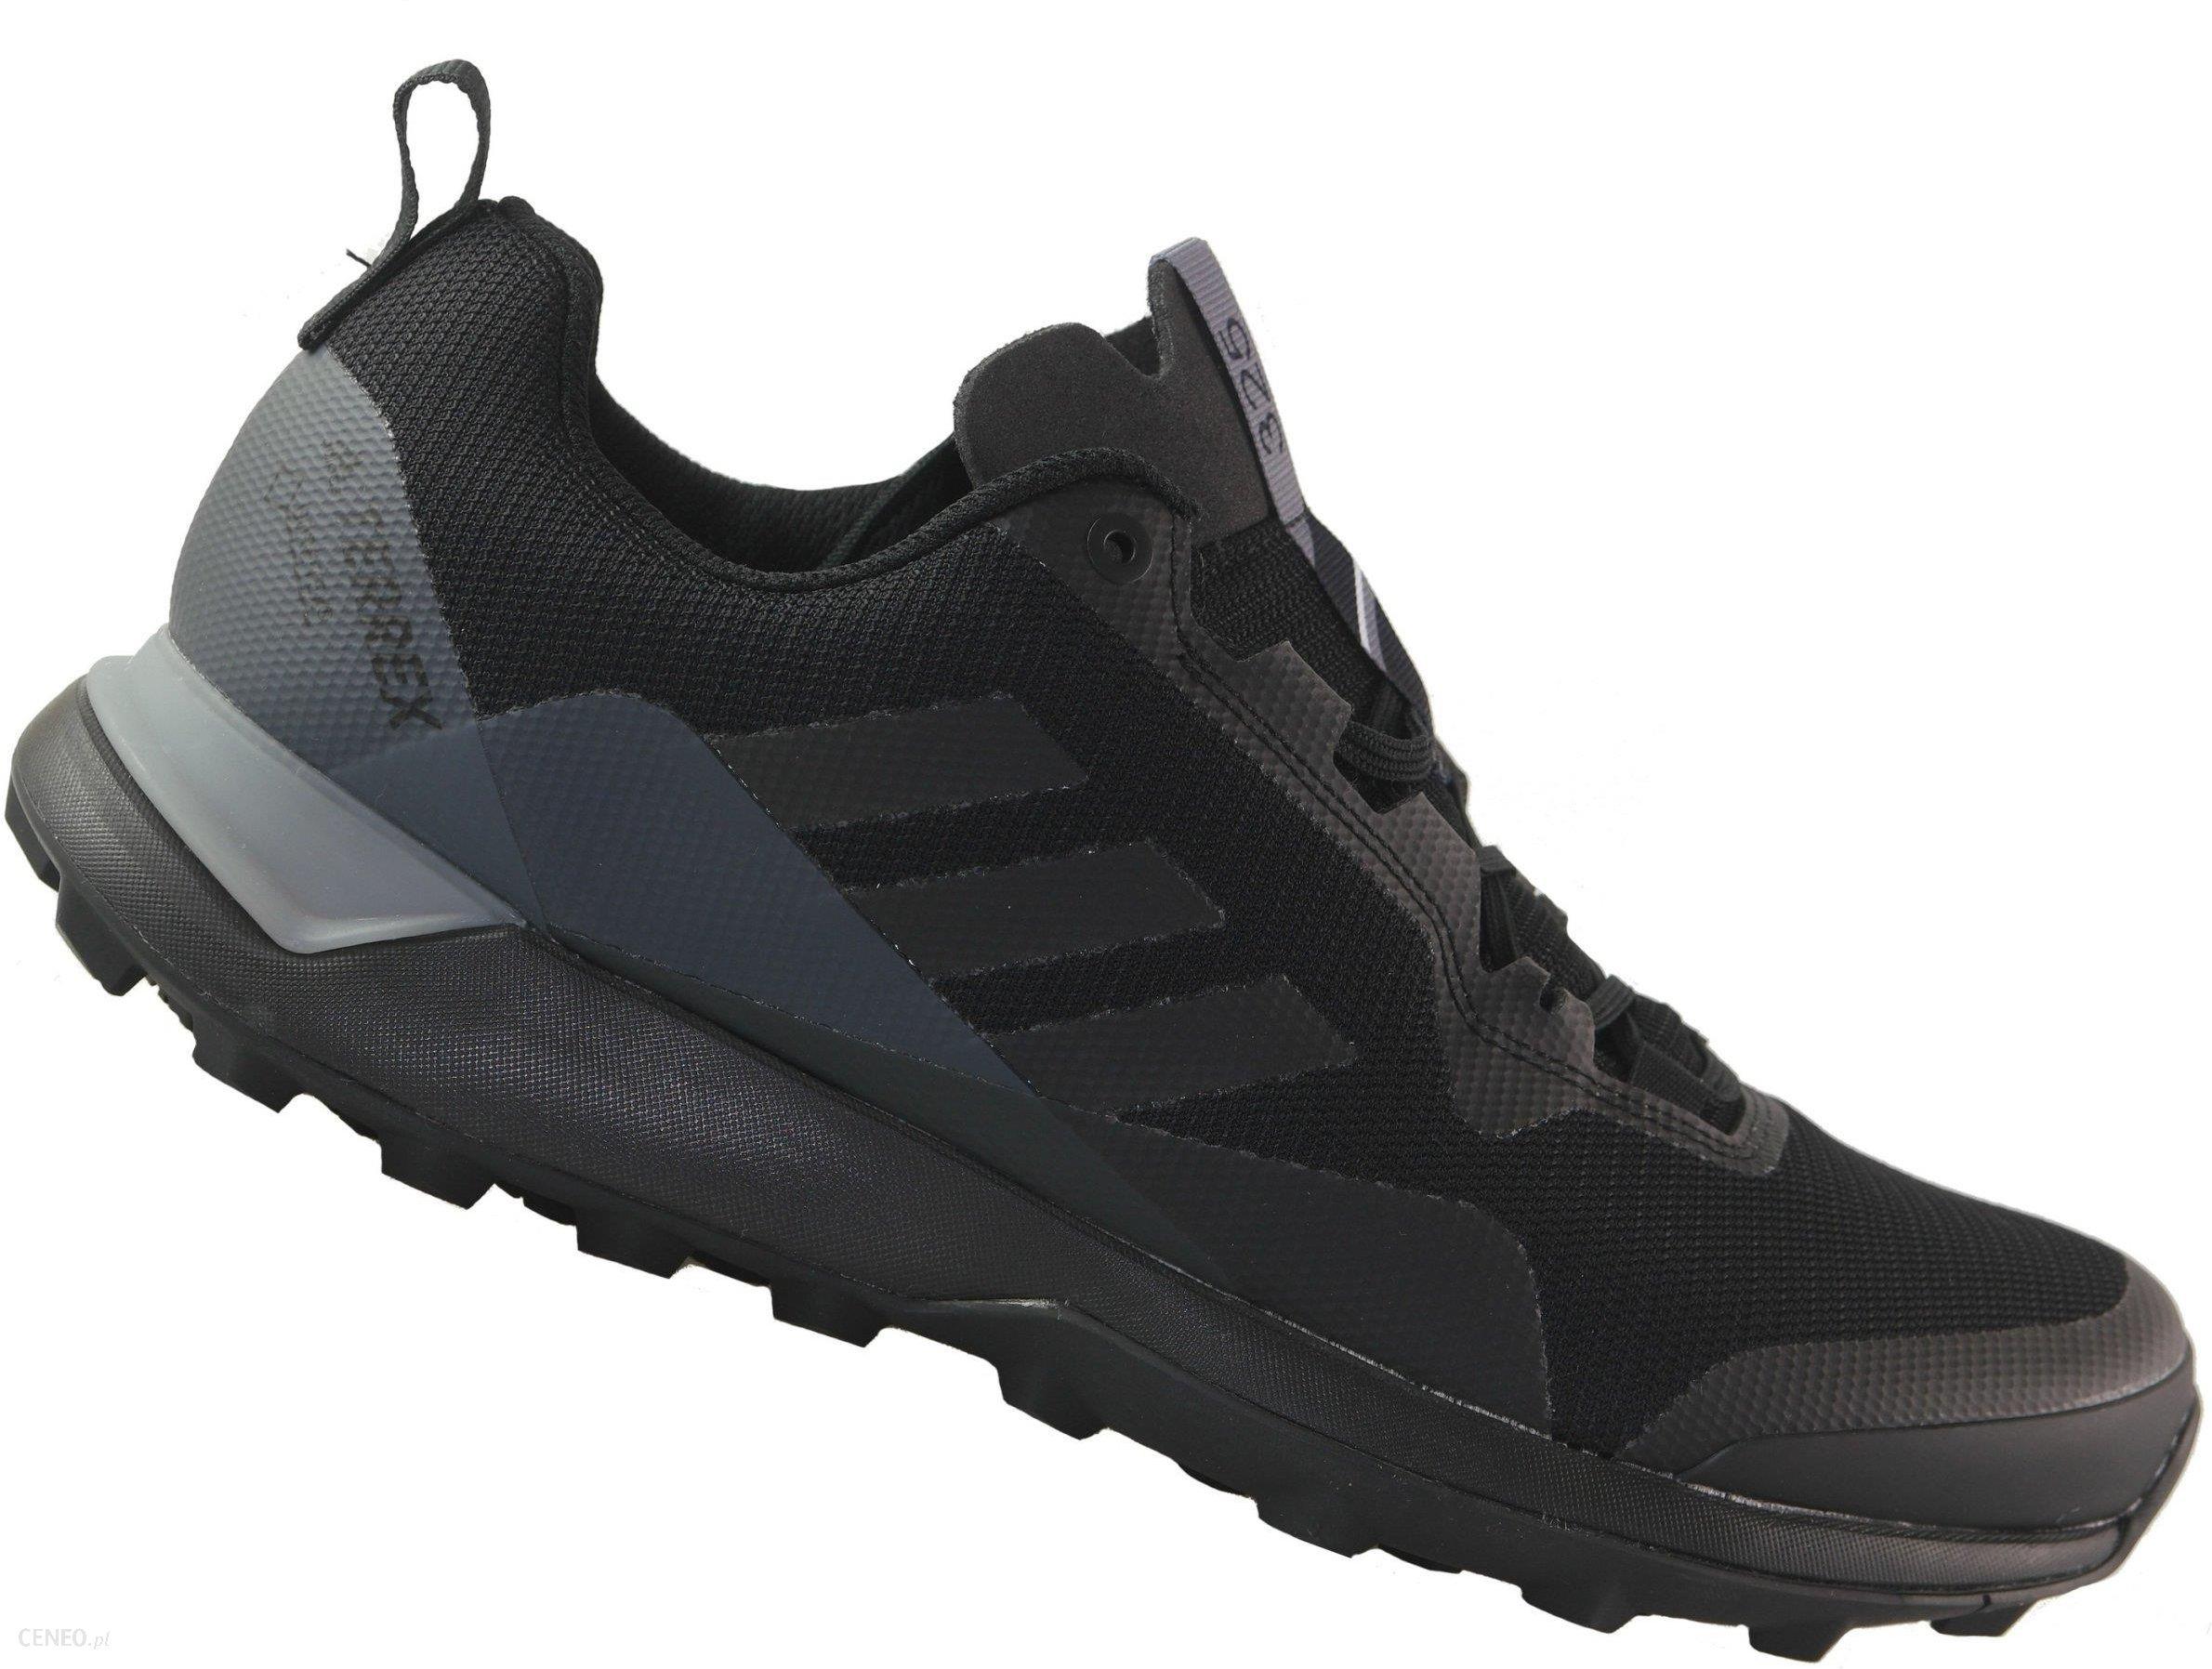 Adidas Terrex Cmtk Gtx BY2770 Rozmiar 44 Ceny i opinie Ceneo.pl